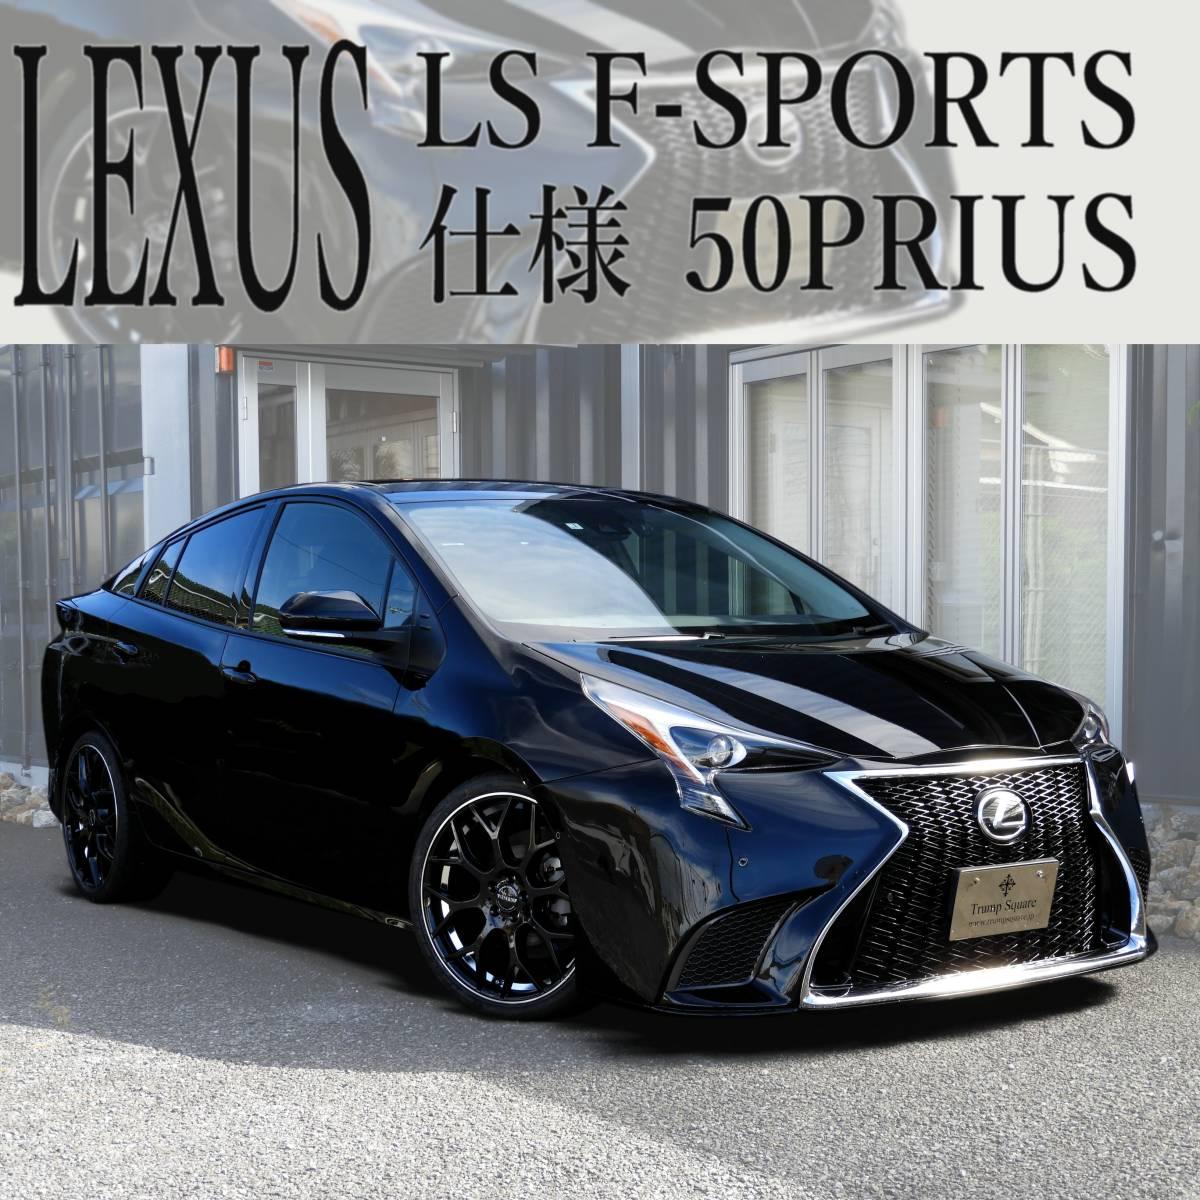 LEXUS LS仕様 50系 前期 プリウス フロントバンパー レクサス LS Fスポーツ エグゼクティブ スピンドルグリル ZVW50 CONSEPRIUS _画像5